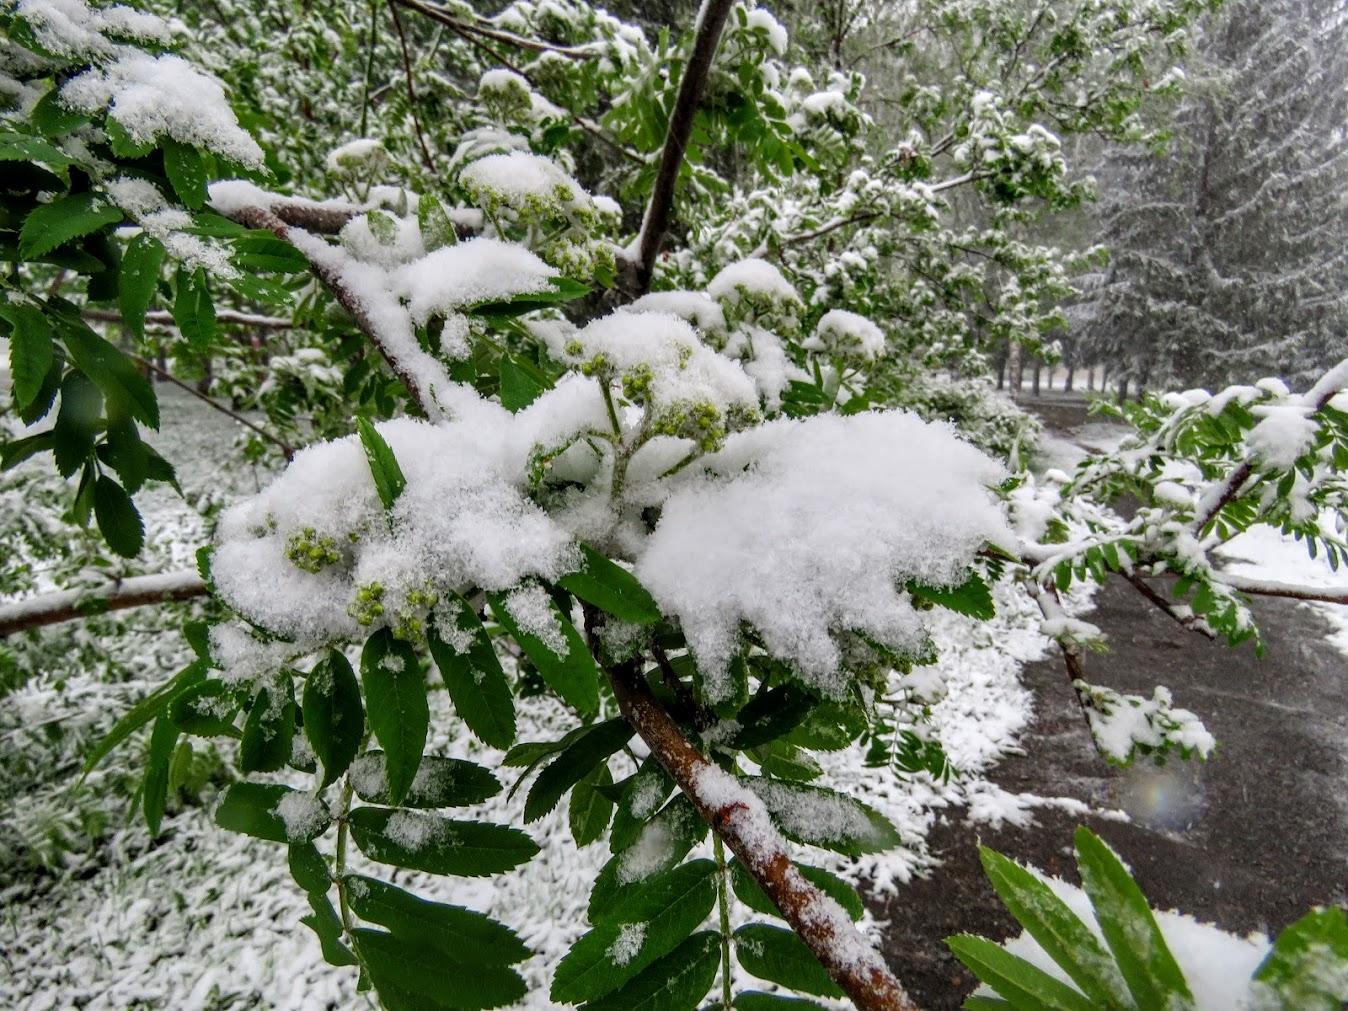 с майским снегом картинки гиф промывая увидел, что